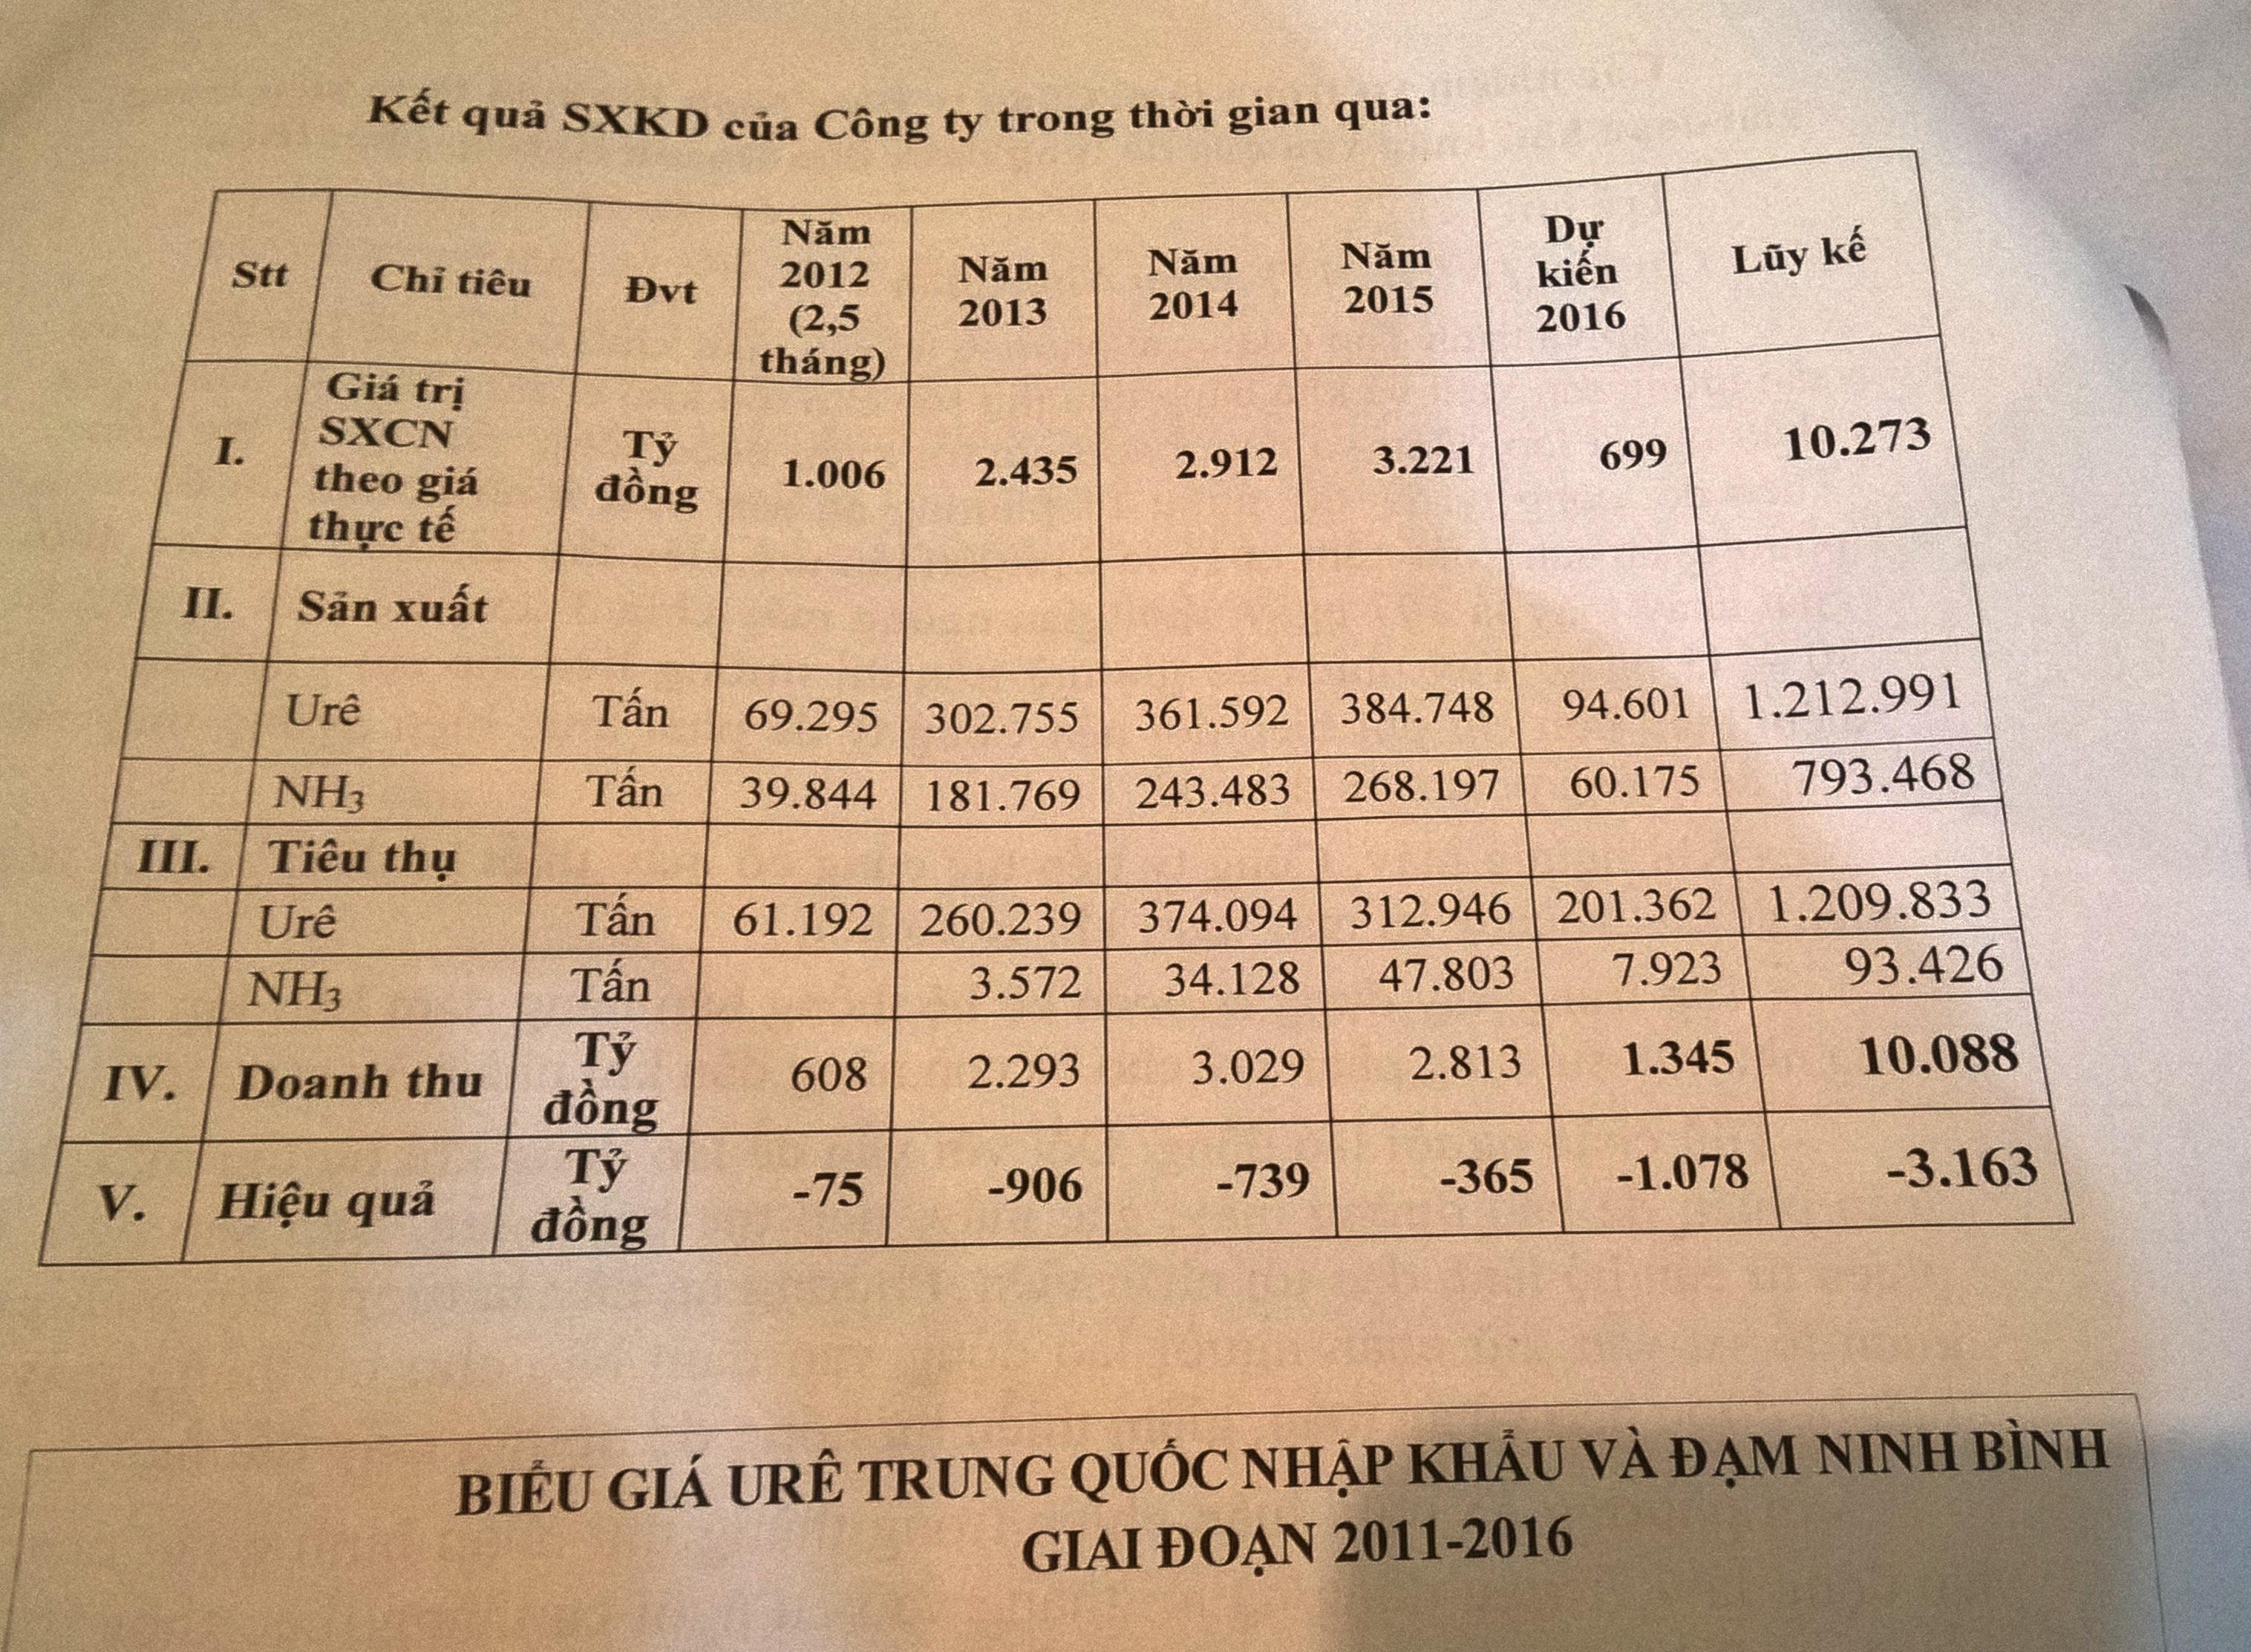 Bảng kết quả doanh thu từ năm 2012 - 2016 của Đạm Ninh Bình (Đạm Ninh Bình cung cấp)